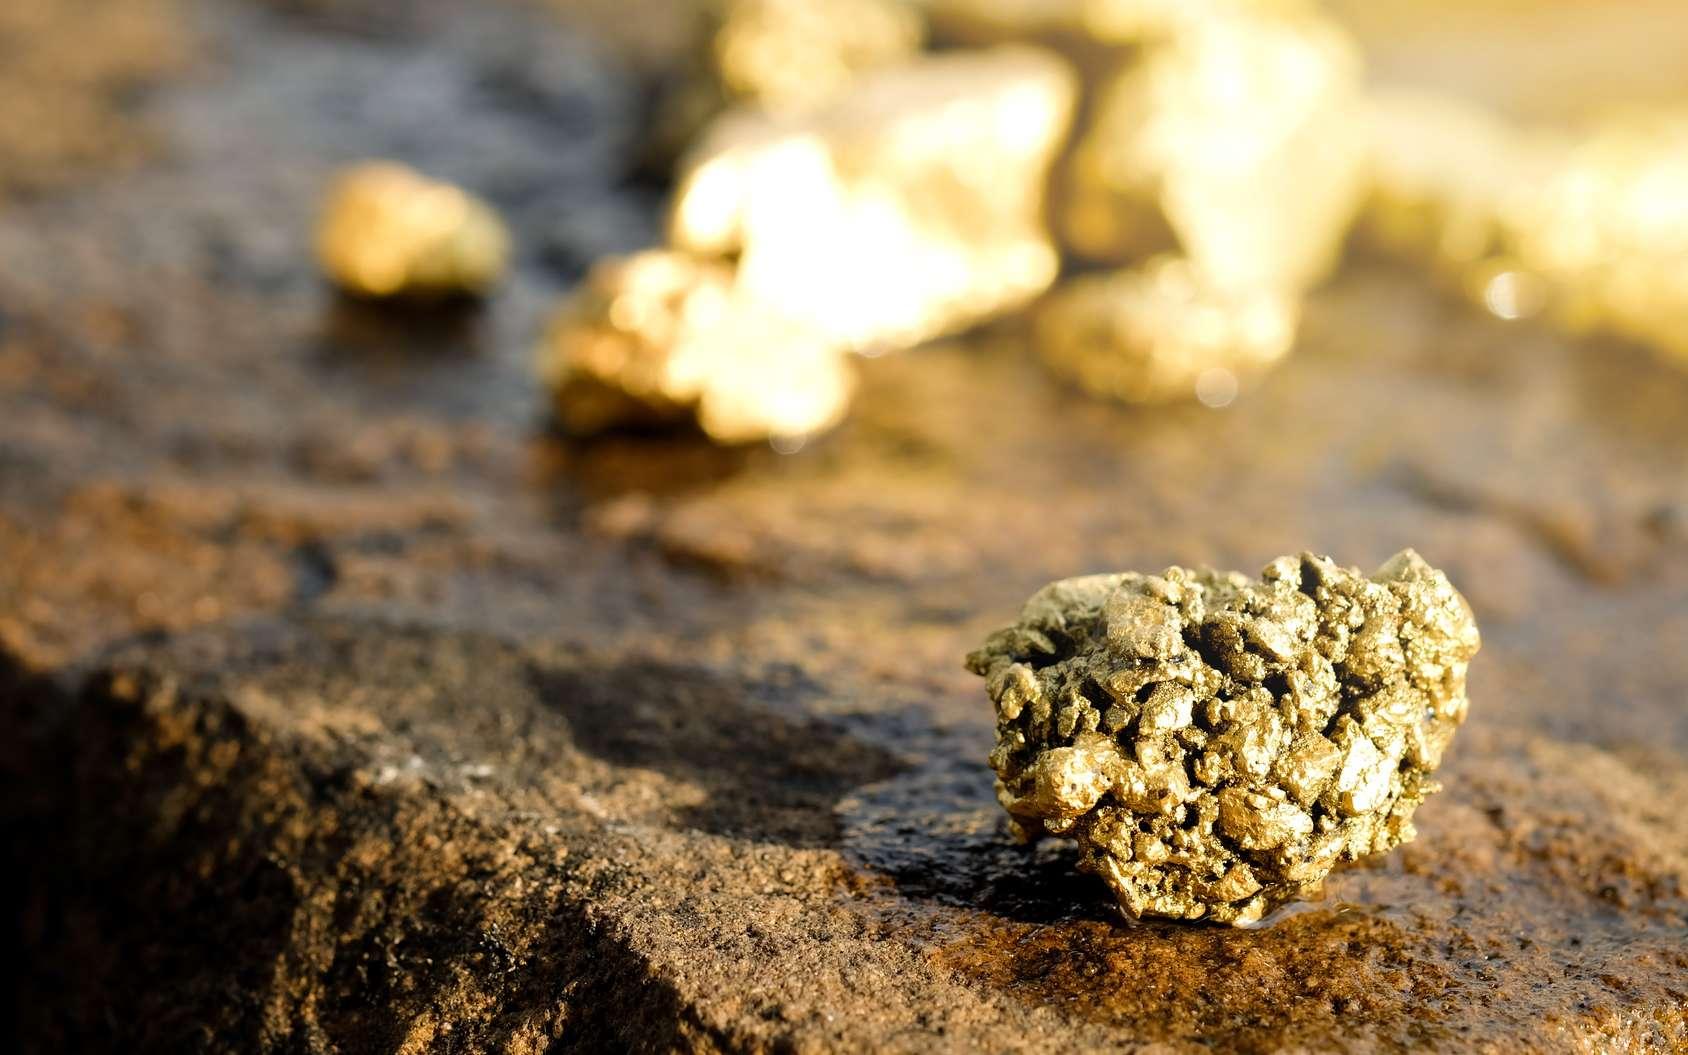 Les pépites d'or ont été et sont encore très recherchées. © Phawat, fotolia